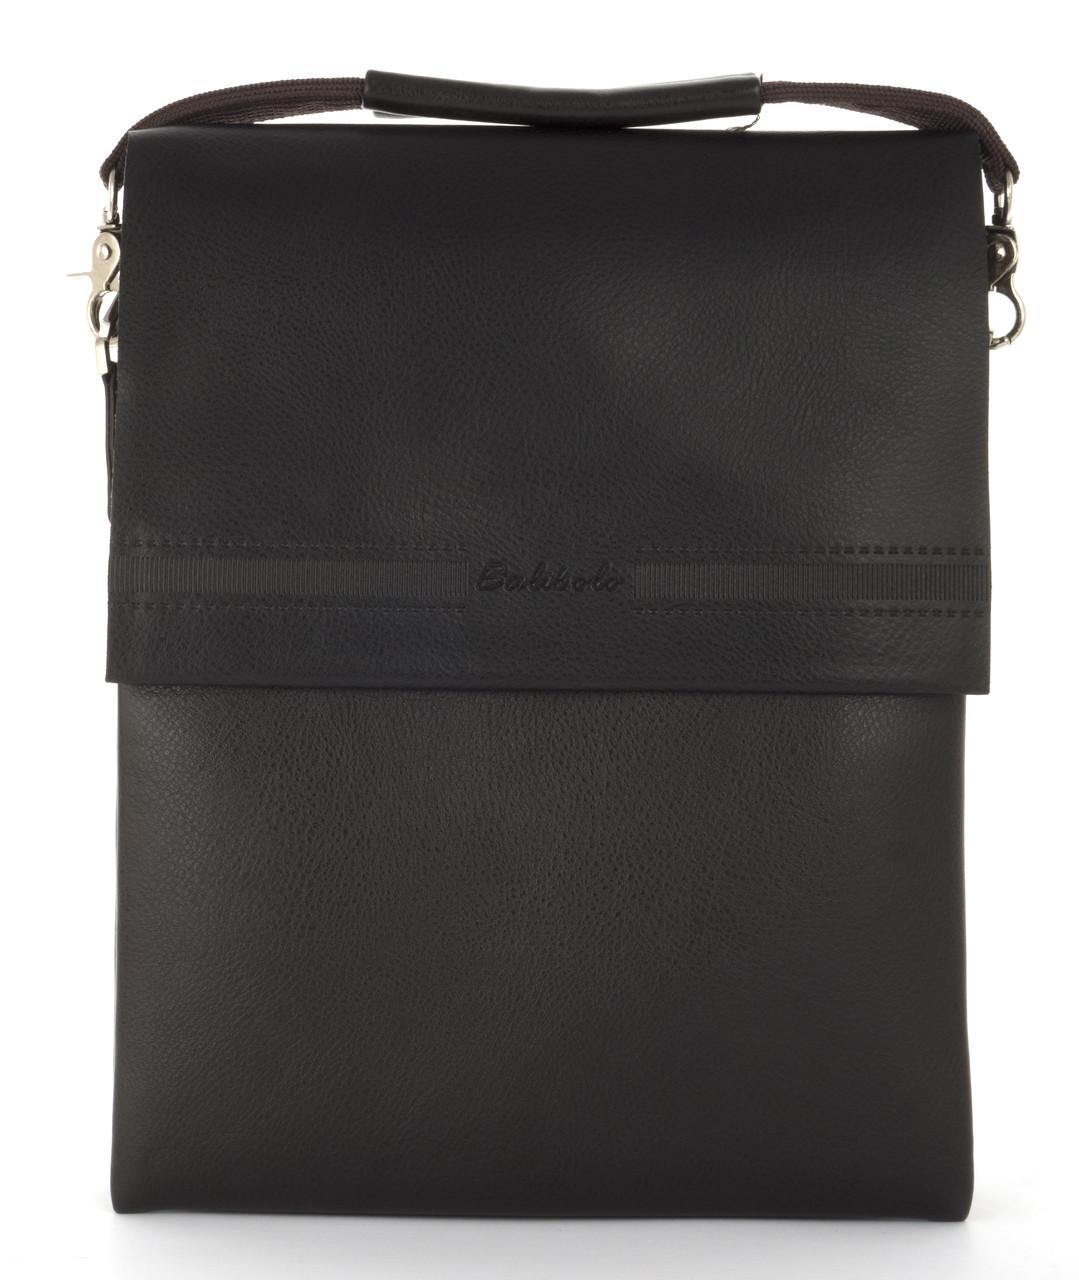 Удобная мужская сумка из качественной эко кожи Balibolo art. 36761-4 коричневая